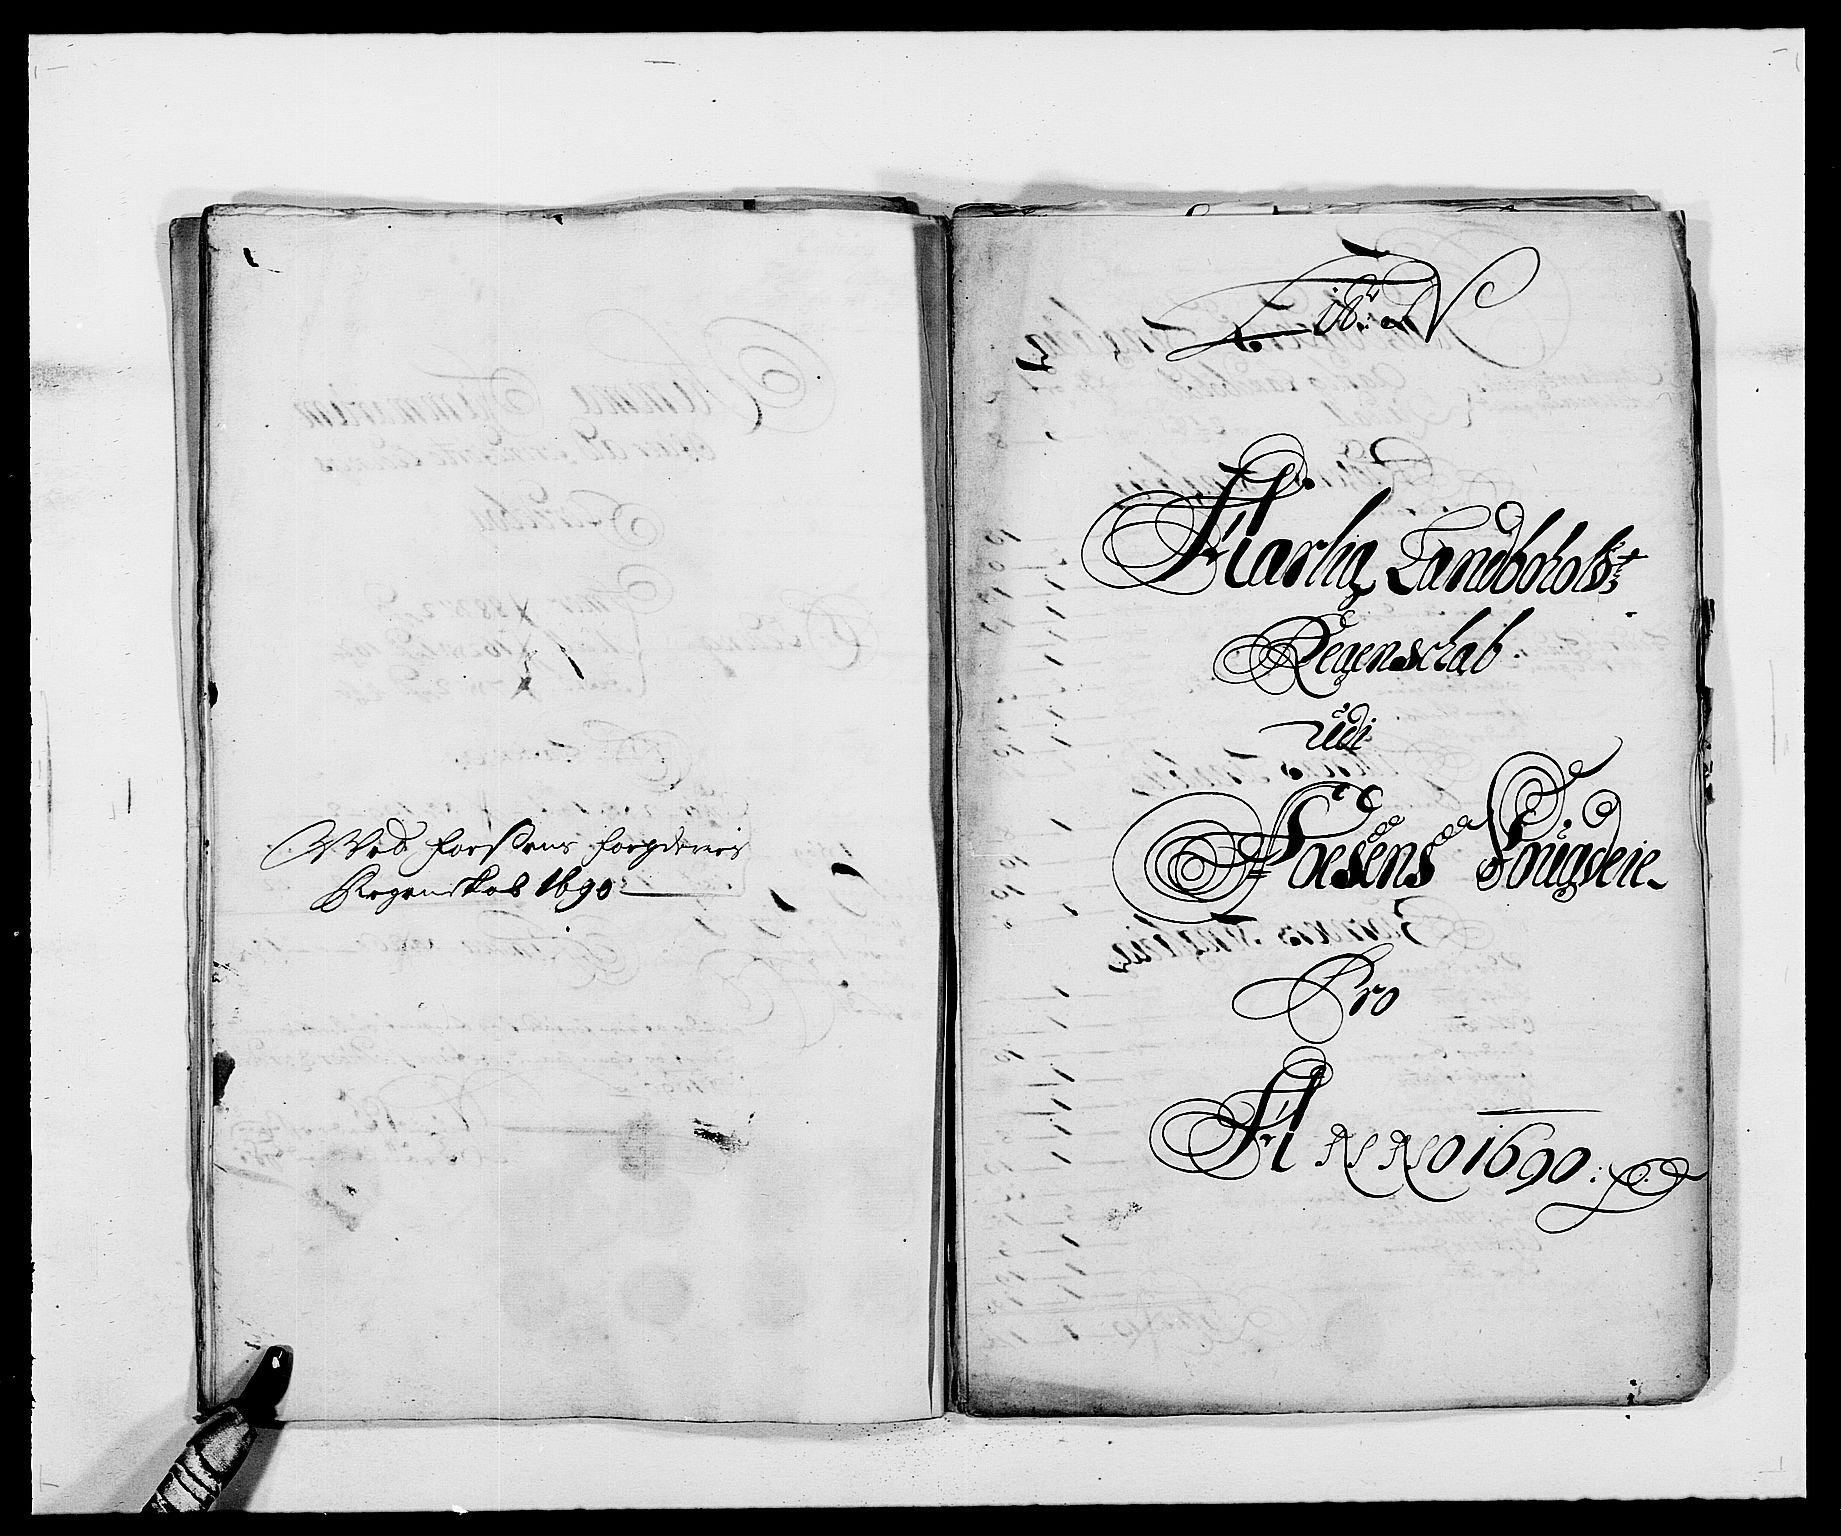 RA, Rentekammeret inntil 1814, Reviderte regnskaper, Fogderegnskap, R57/L3848: Fogderegnskap Fosen, 1690-1691, s. 179